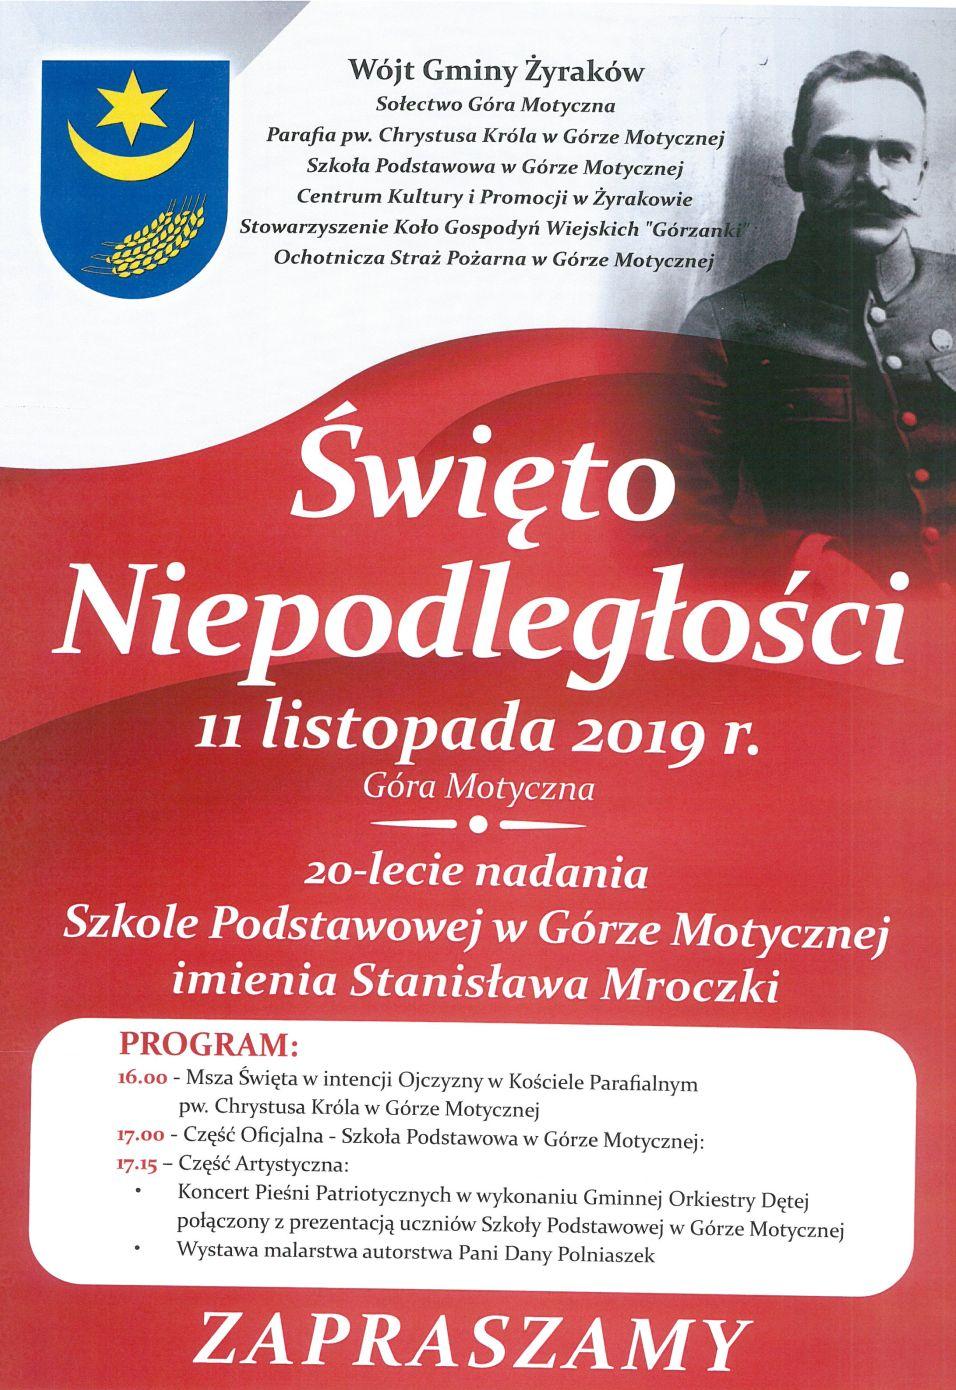 11 listopada plakat